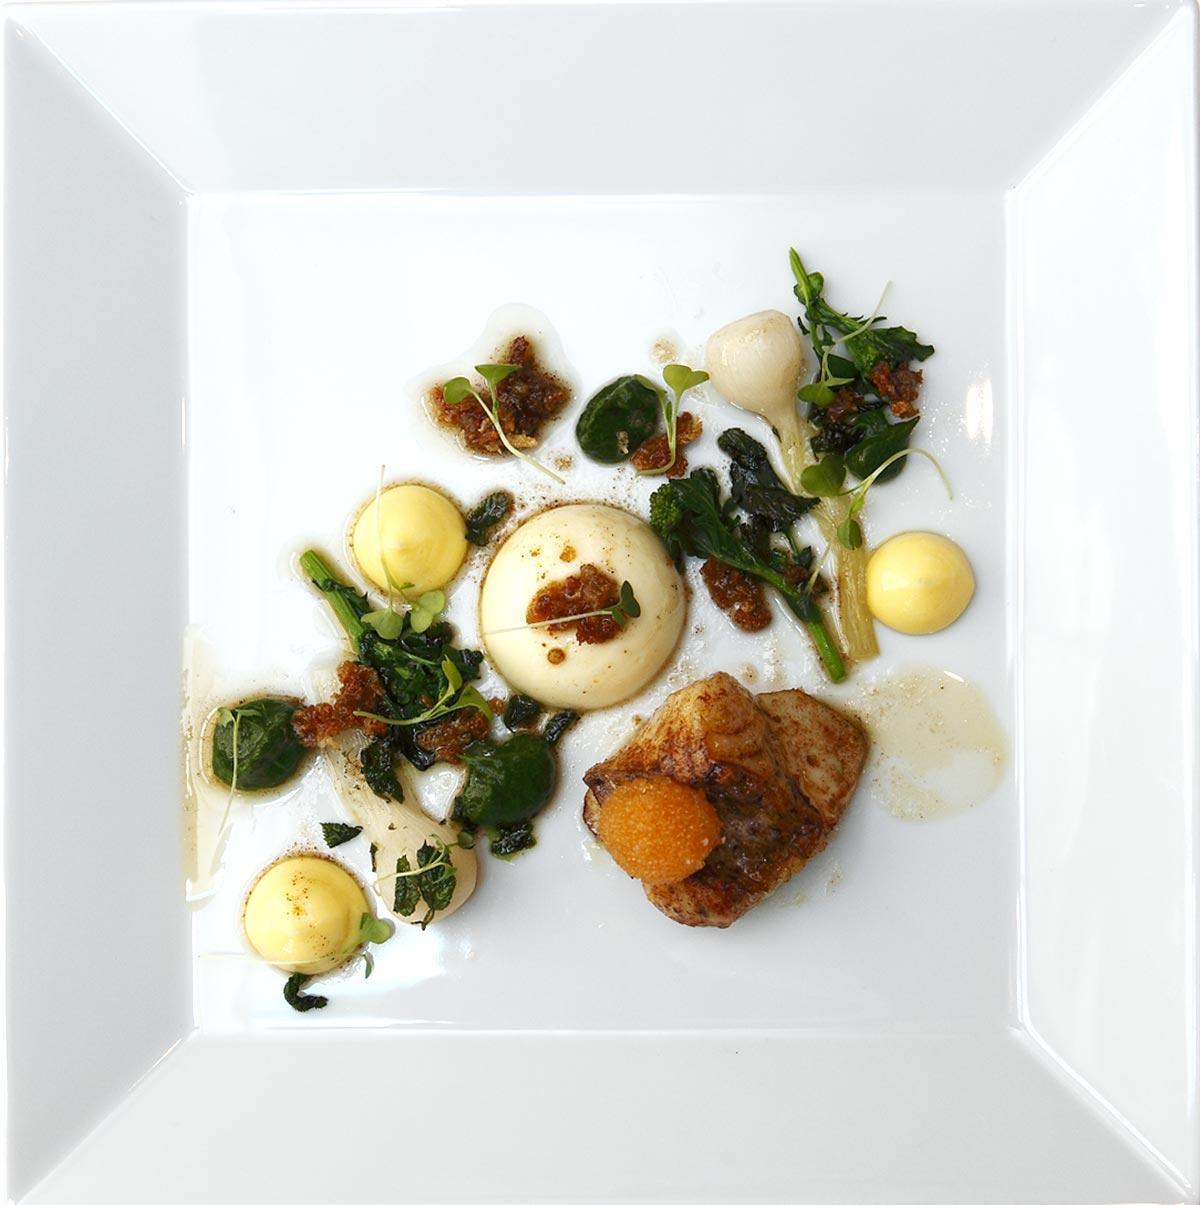 Restaurang Lux: Stekt gös, insjölöjrom och mousseline på Ängsö-fisk med krämigt brynt smör, sommargyllen och gravad citron